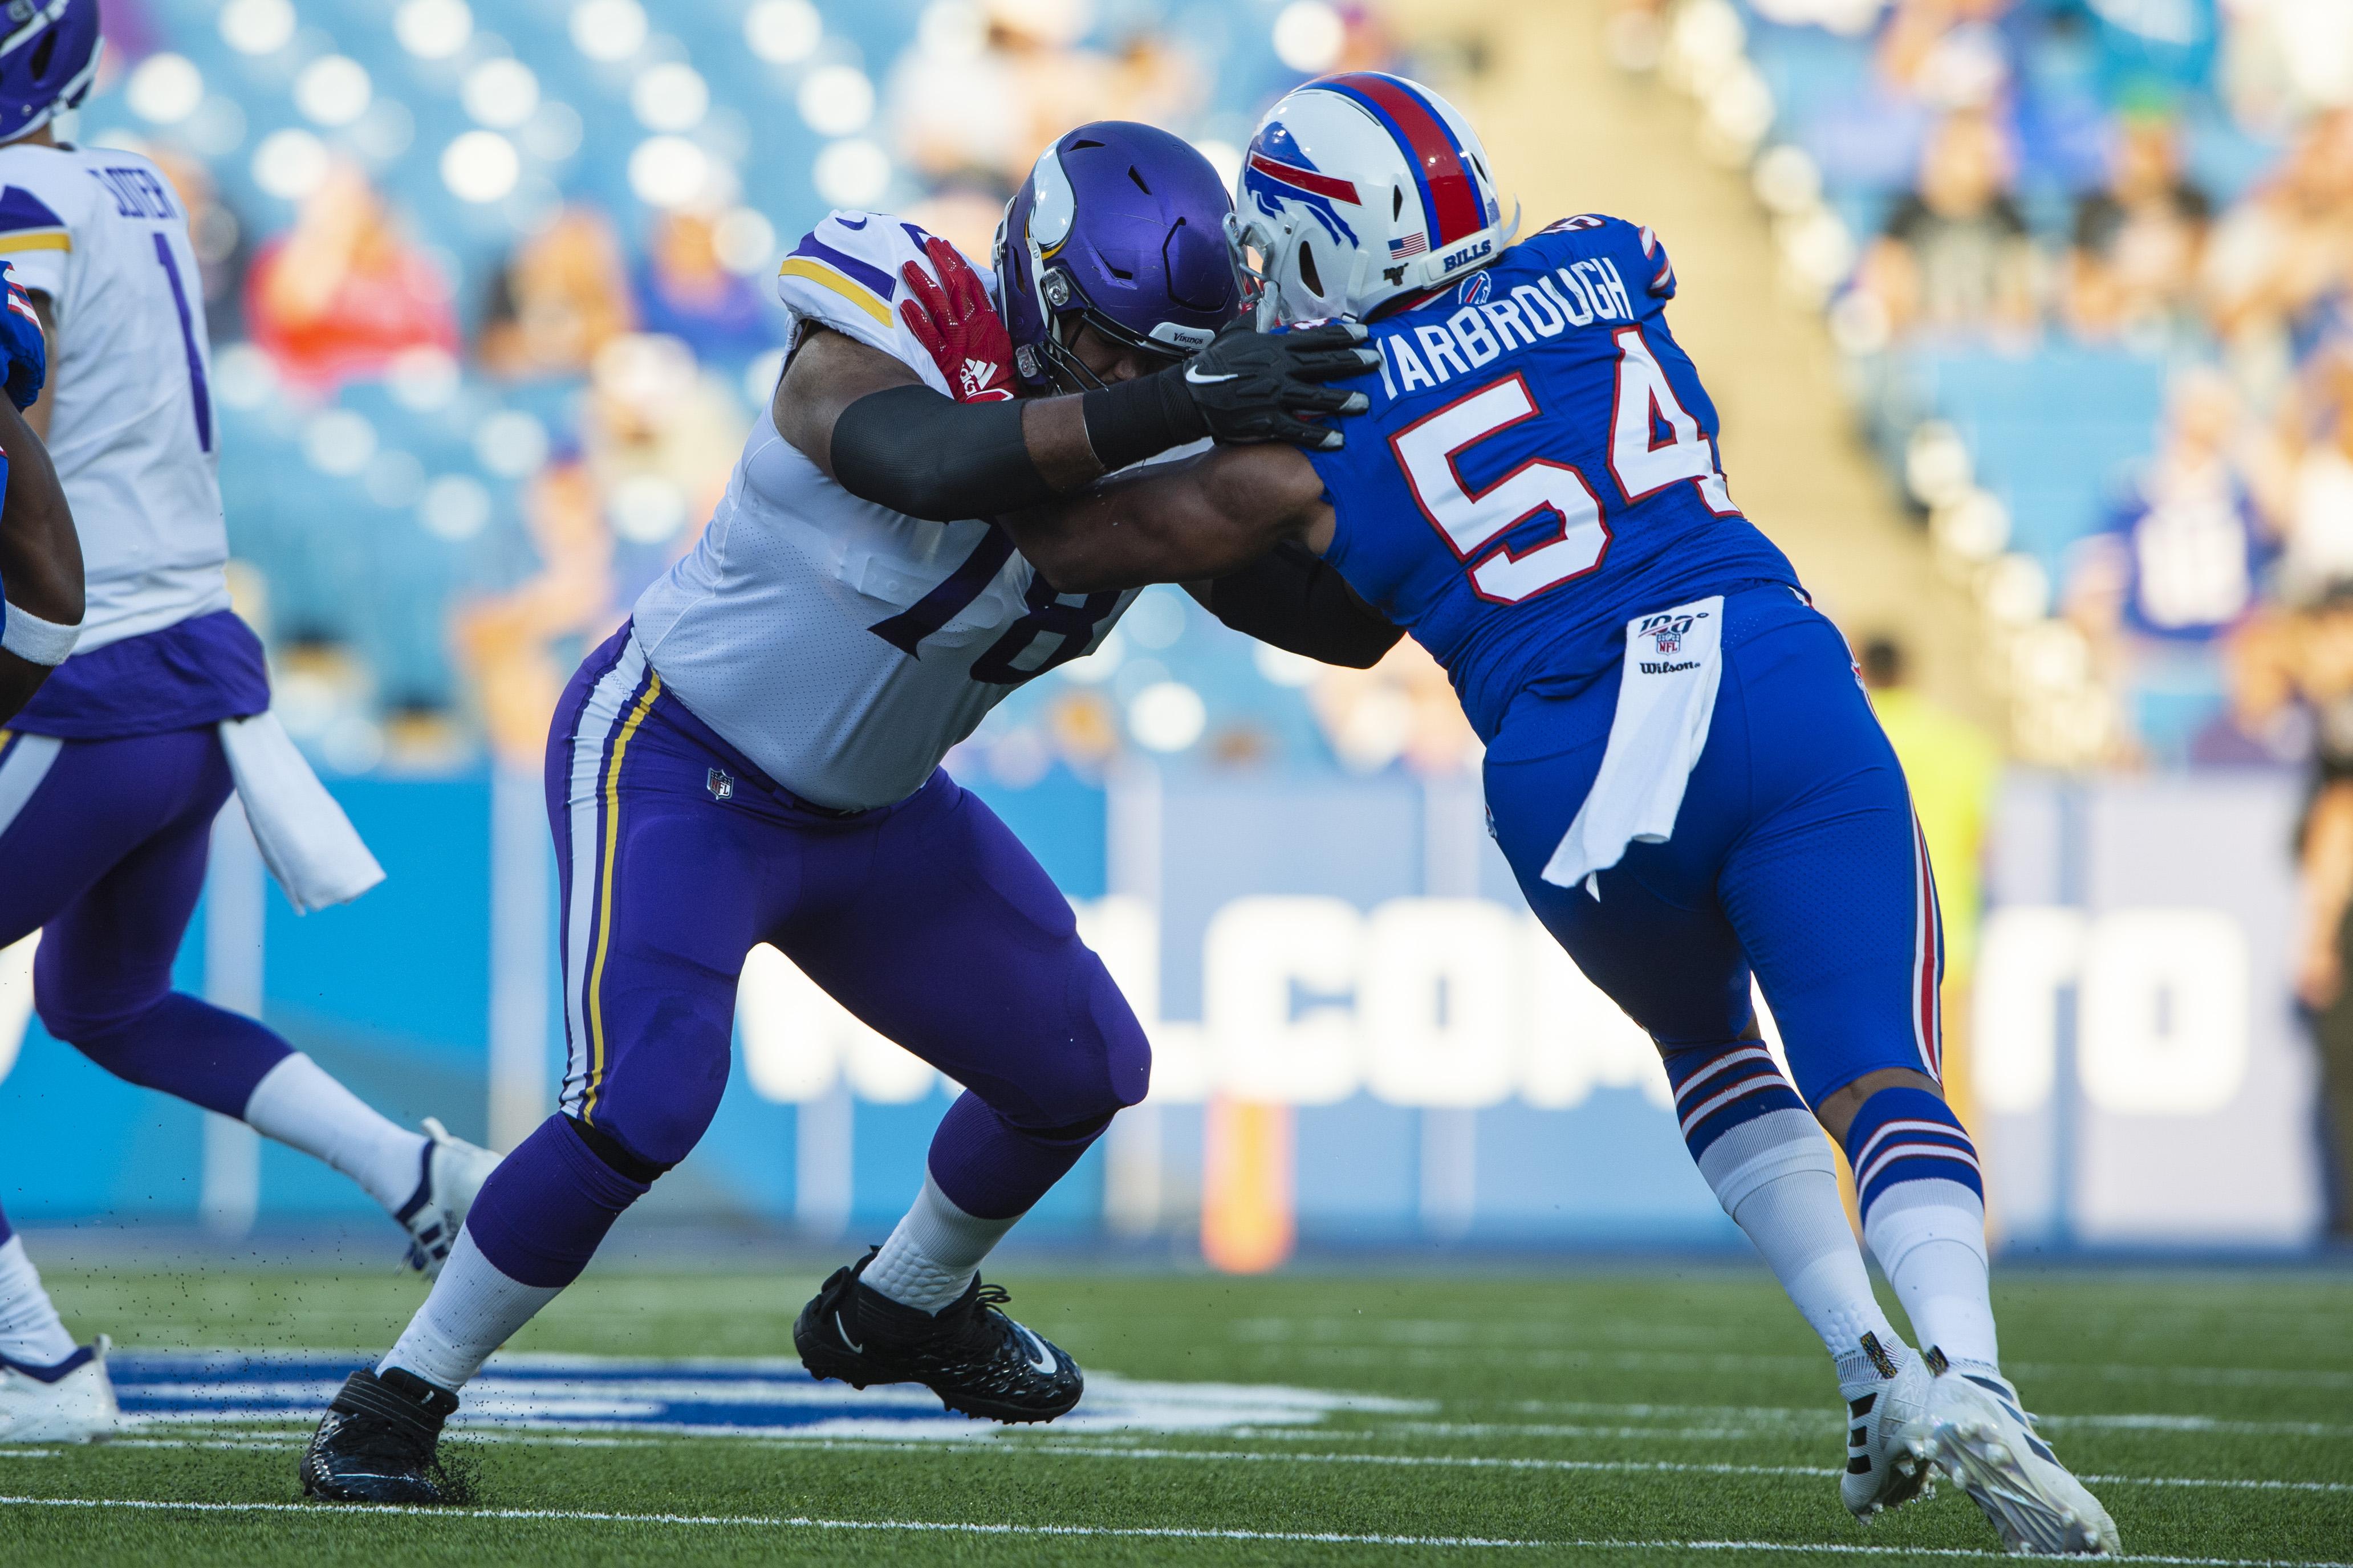 NFL: AUG 29 Preseason - Vikings at Bills